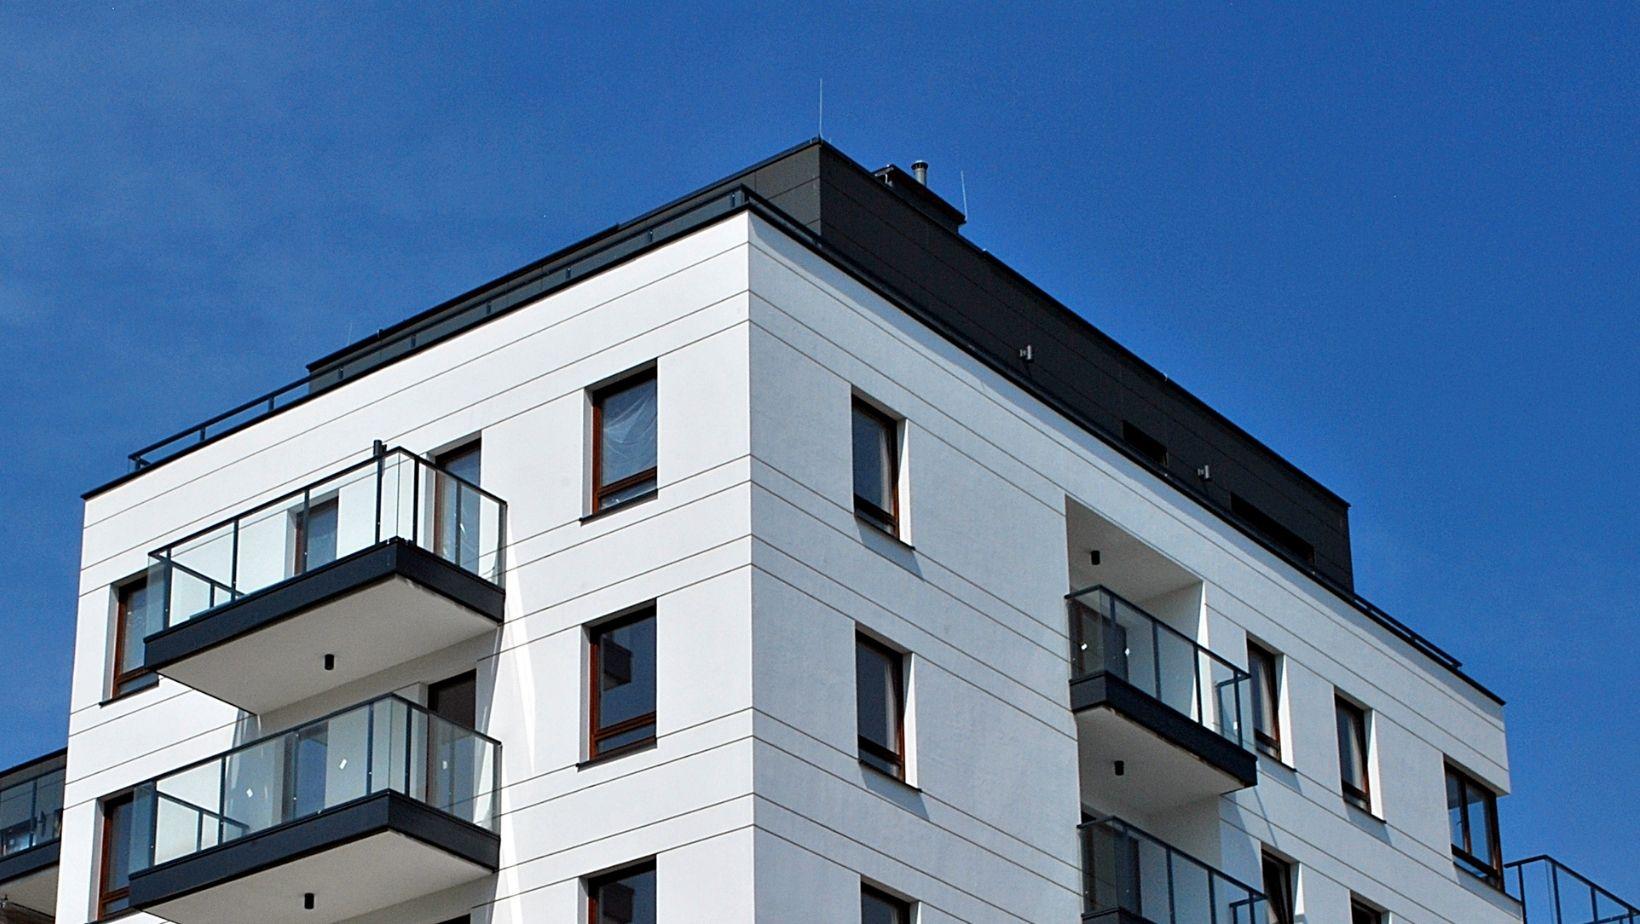 avantaje si dezavantaje apartamente la ultimul etaj